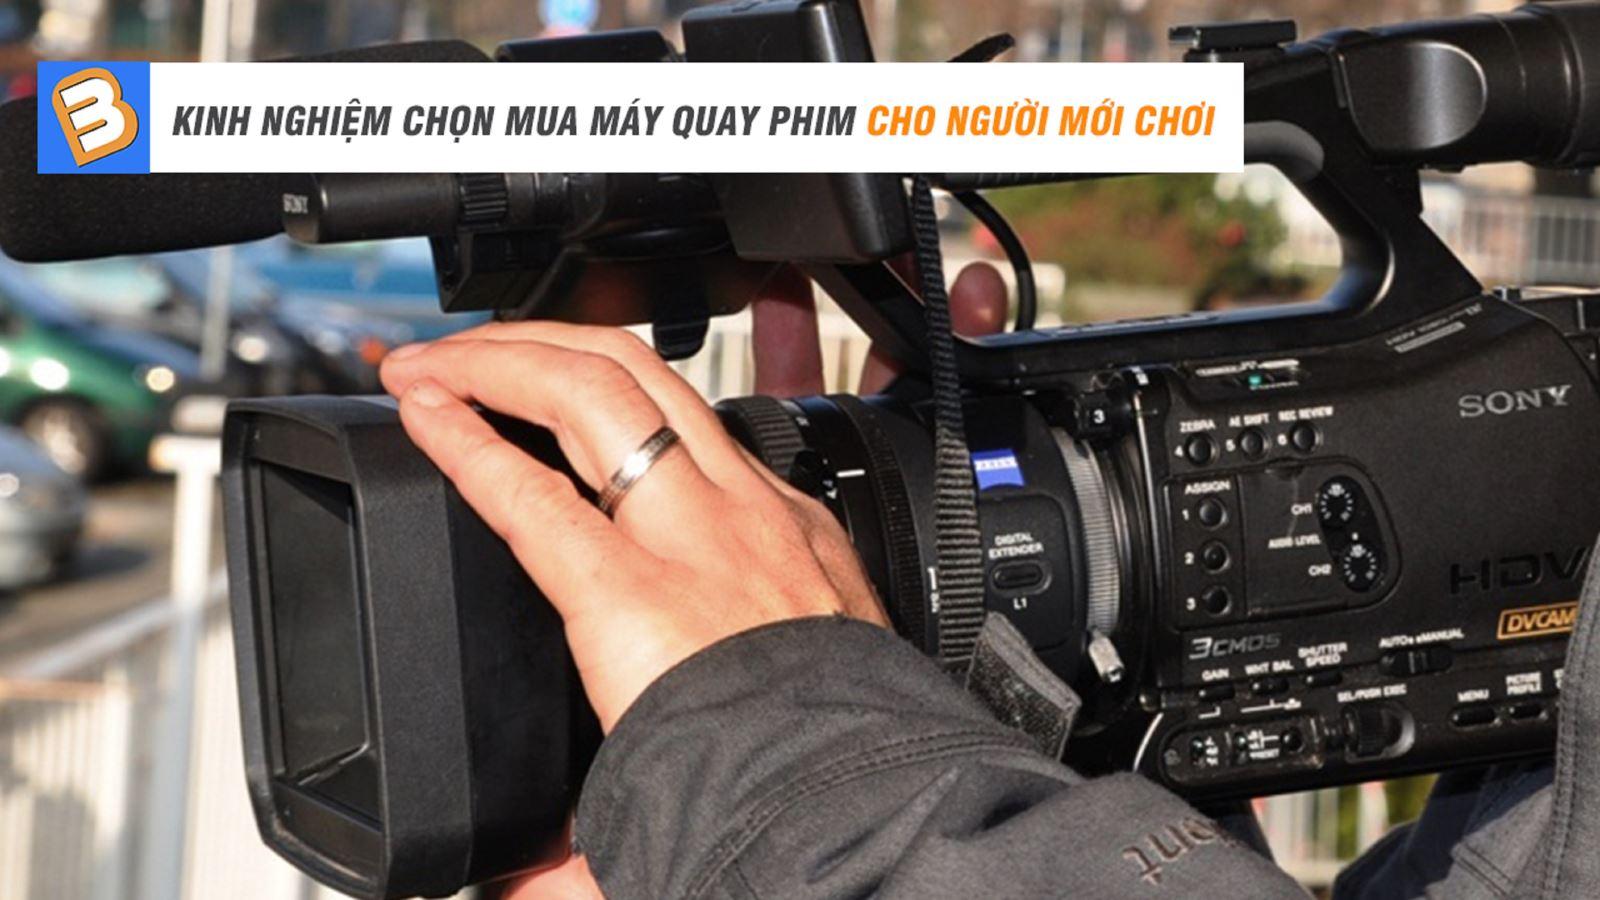 Kinh nghiệm chọn mua máy quay phim cho ngườimới chơi